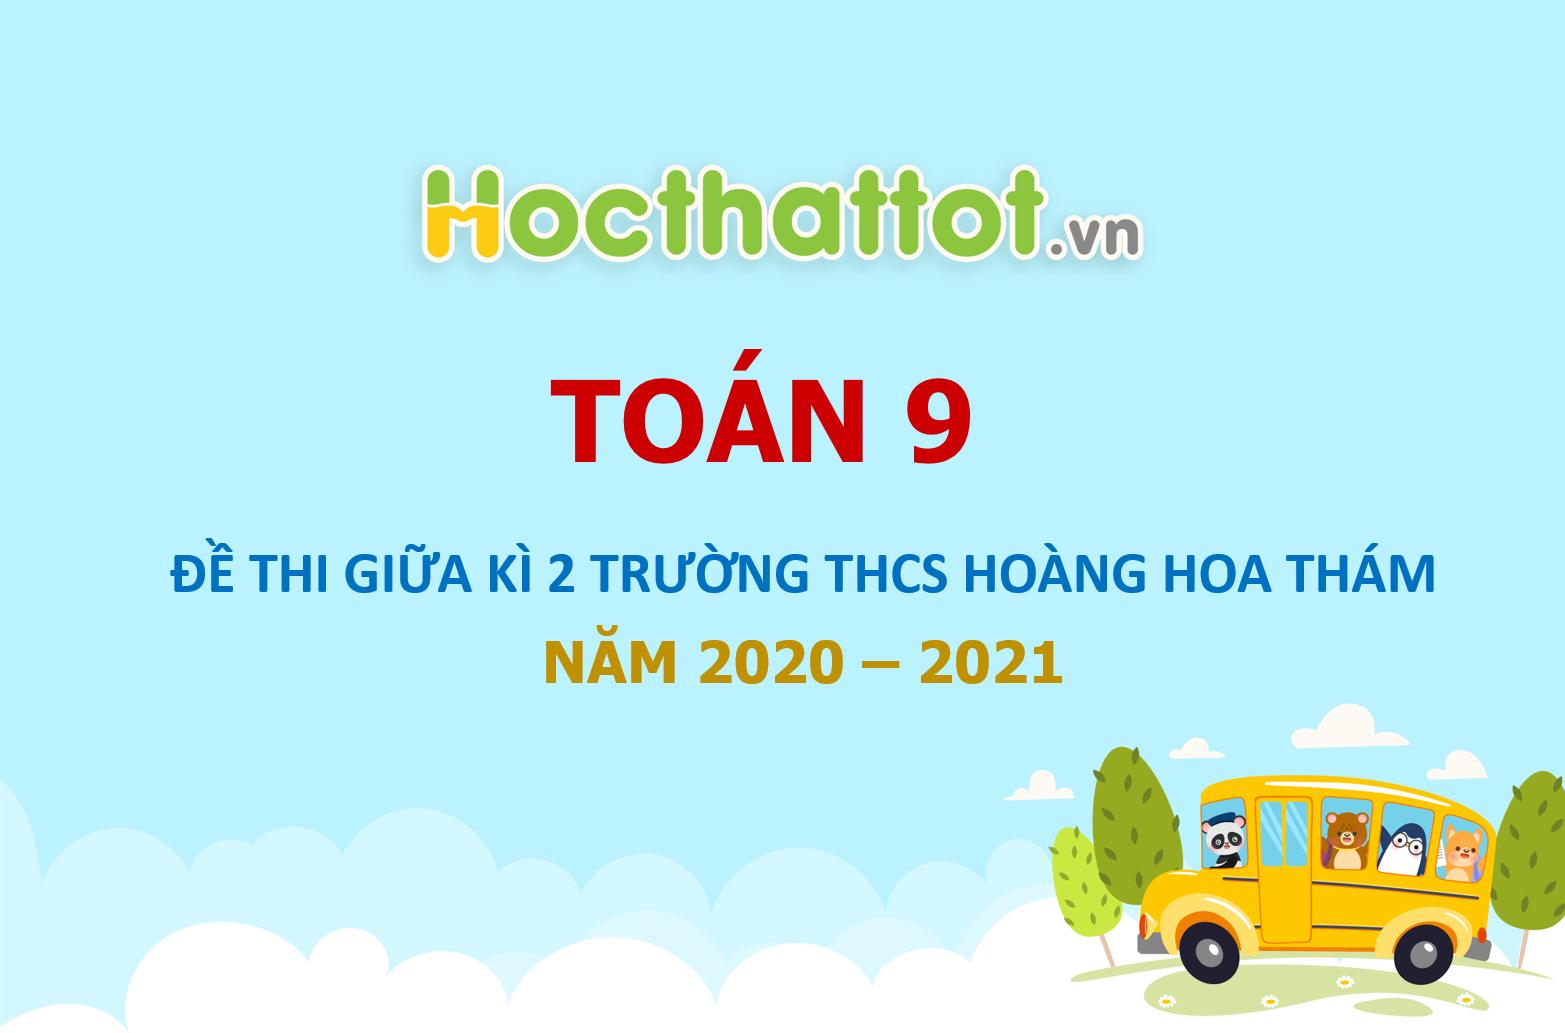 de-thi-giua-hk2-toan-9-nam-2020-2021-truong-thcs-hoang-hoa-tham-ha-noi